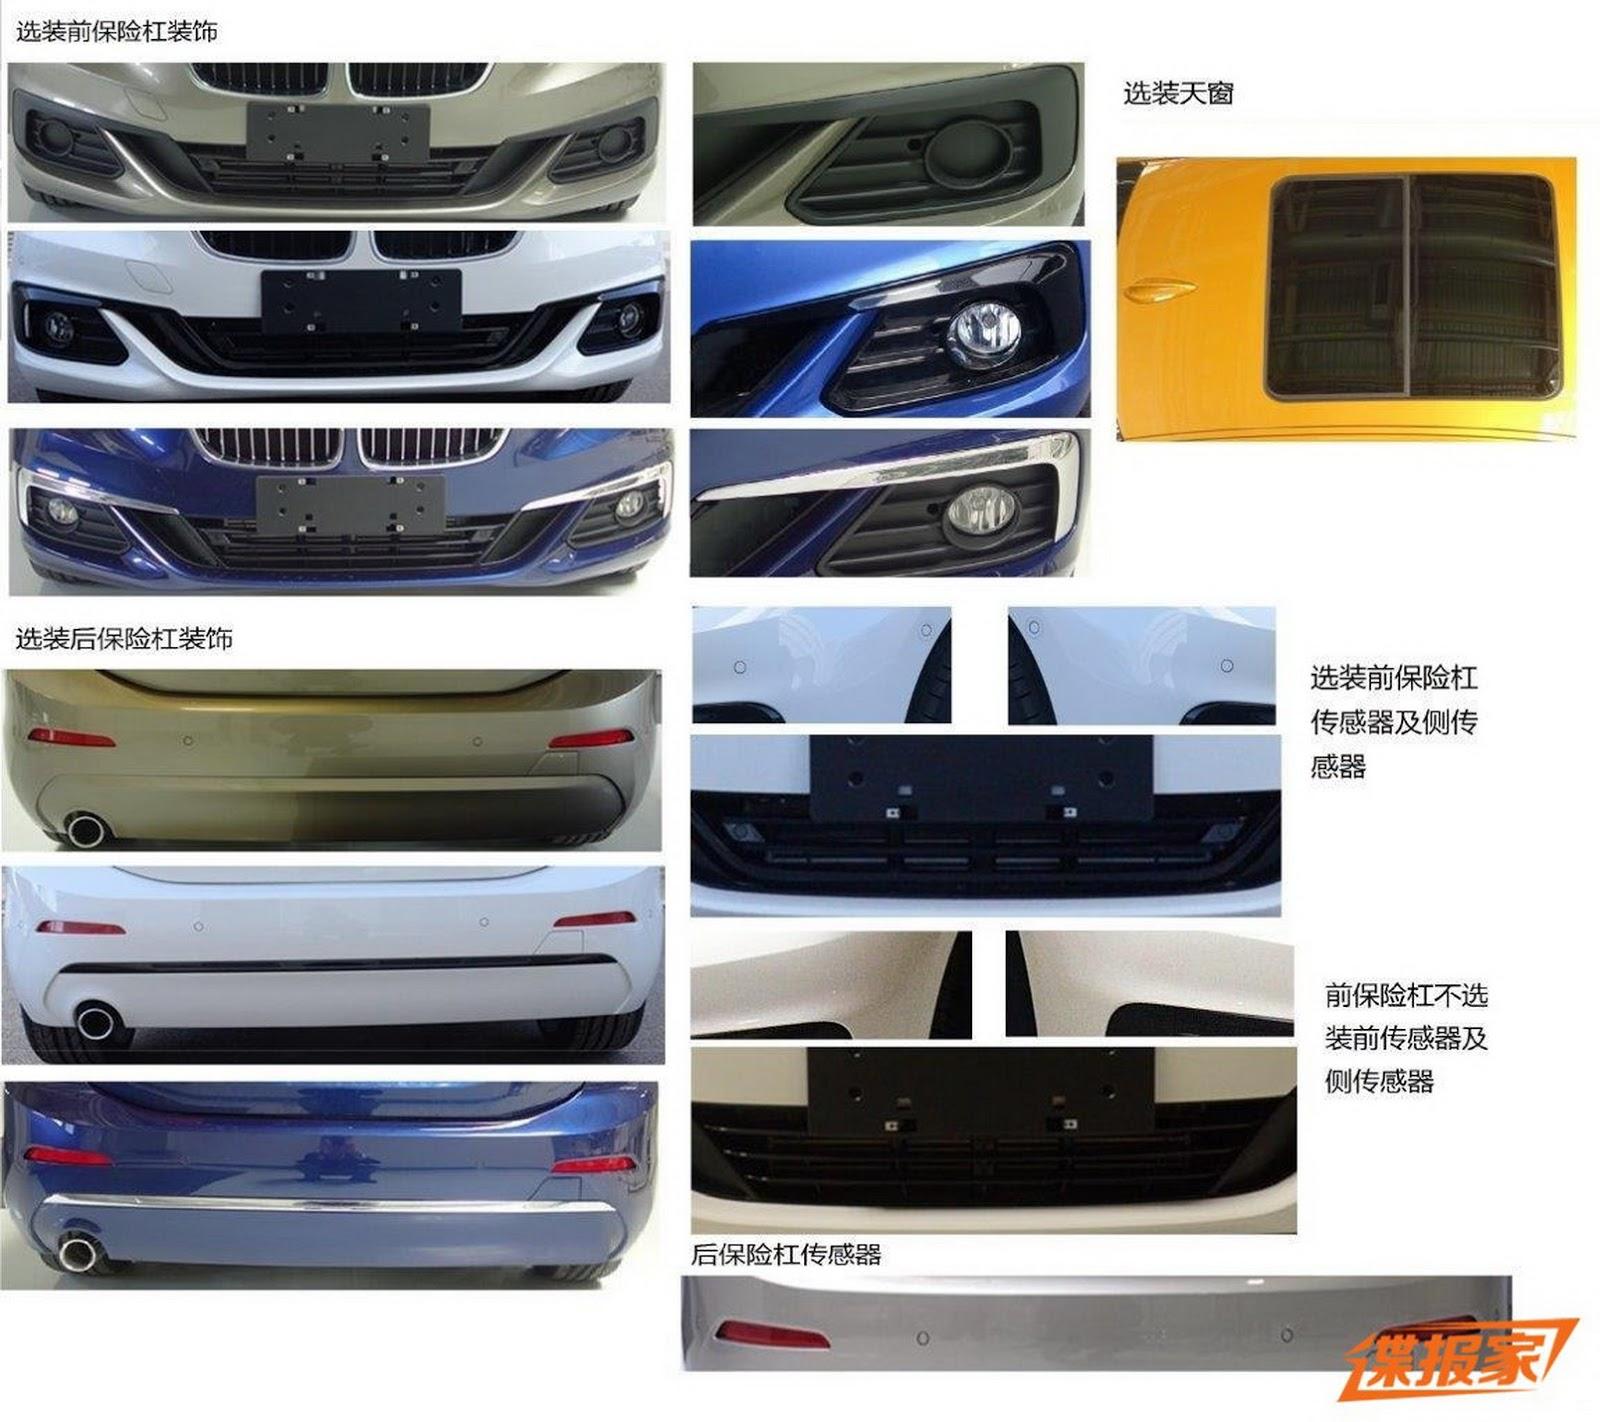 BMW-1-Series-Sedan-9